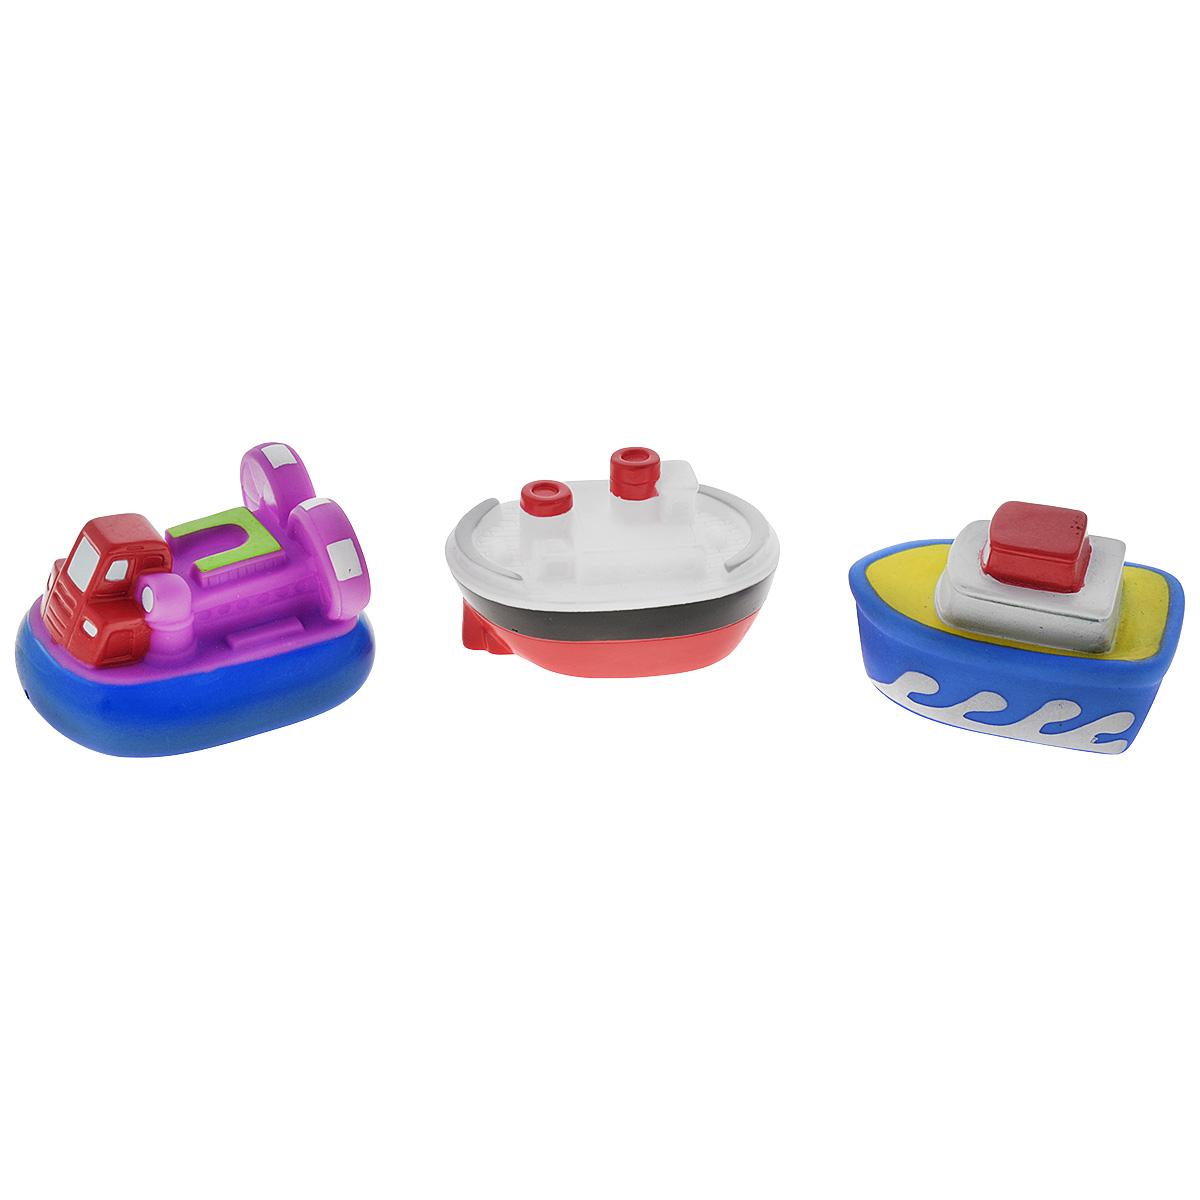 Игровой набор для ванны Mioshi Пароходики, 3 штMAU0304-012С красочным набором для ванны Mioshi Пароходики принимать водные процедуры станет ещё веселее и приятнее. Набор включает в себя три вида водной техники. Все составляющие набора приятны на ощупь, имеют удобную для захвата маленькими пальчиками эргономичную форму и быстро сохнут. Забавным дополнением также будет возможность игрушек брызгать водой при сжатии. Устраивайте водные сражения! Игрушки Mioshi Aqua помогают малышам быстрее приспосабливаться к водной среде, а процесс принятия водных процедур делают веселым и увлекательным.